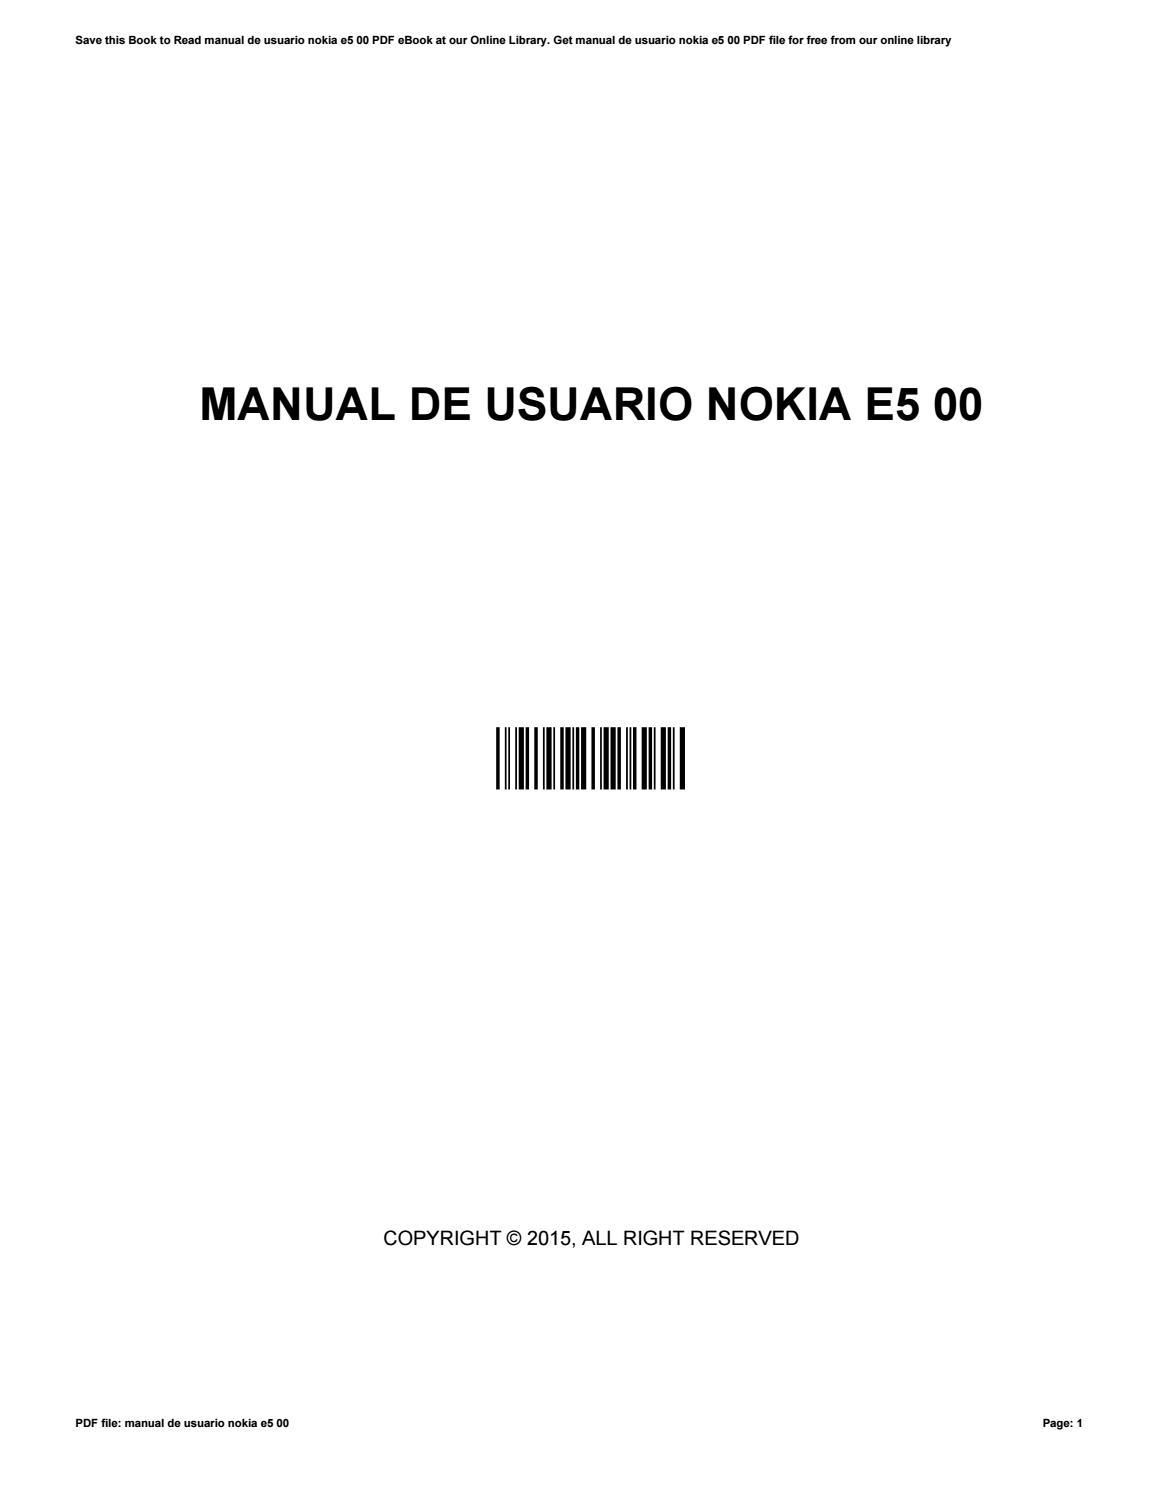 manual de usuario nokia e5 00 by rosettaromero1518 issuu rh issuu com Nokia X6 00 8GB Review Nokia E75